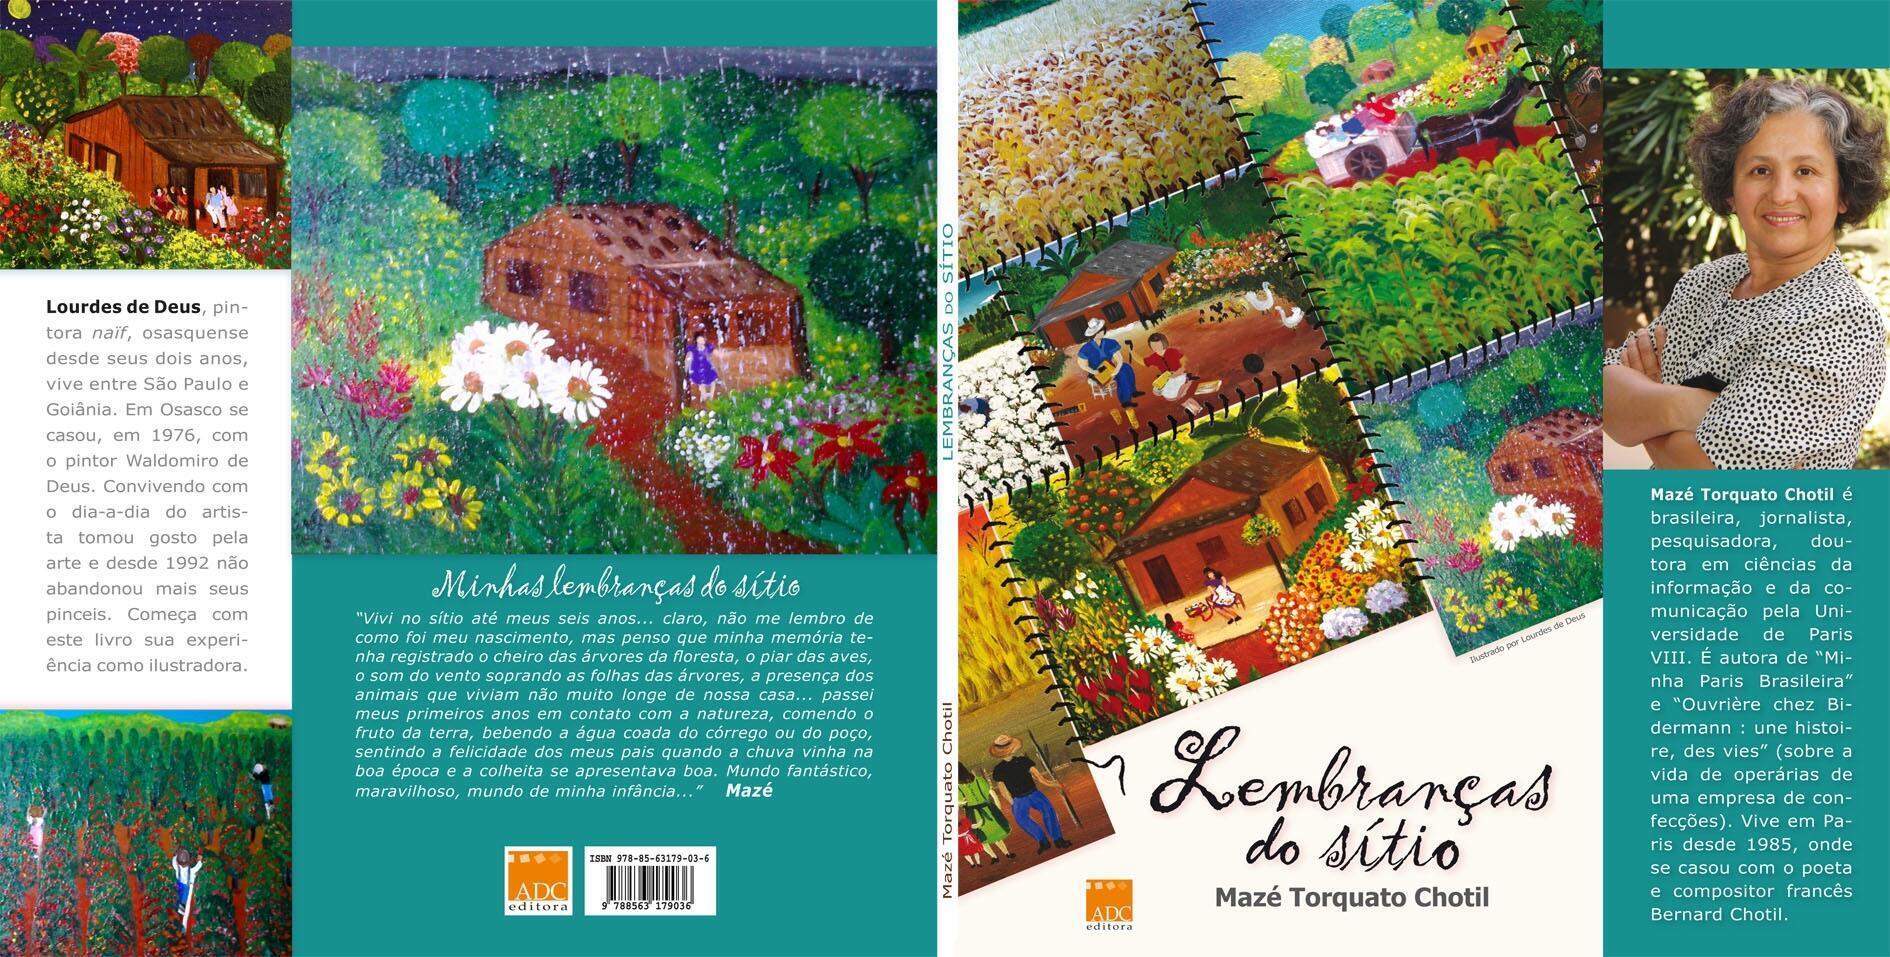 """Capa do livro """"Lembranças do sítio"""", ilustrado por Lourdes de Deus."""